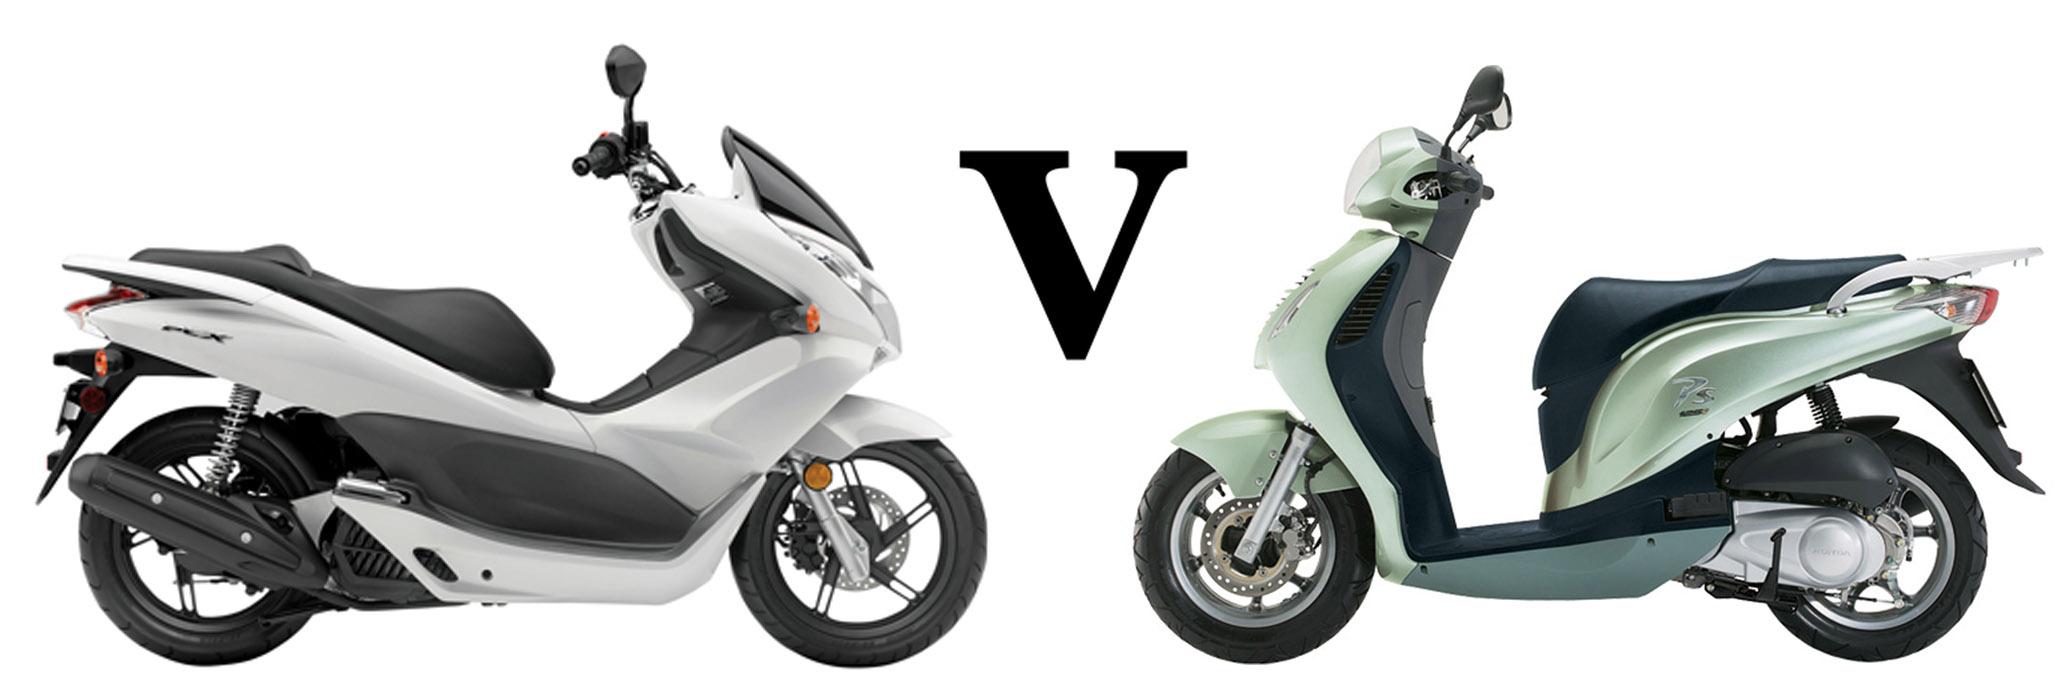 Versus: Honda PCX125 vs Honda PS125i